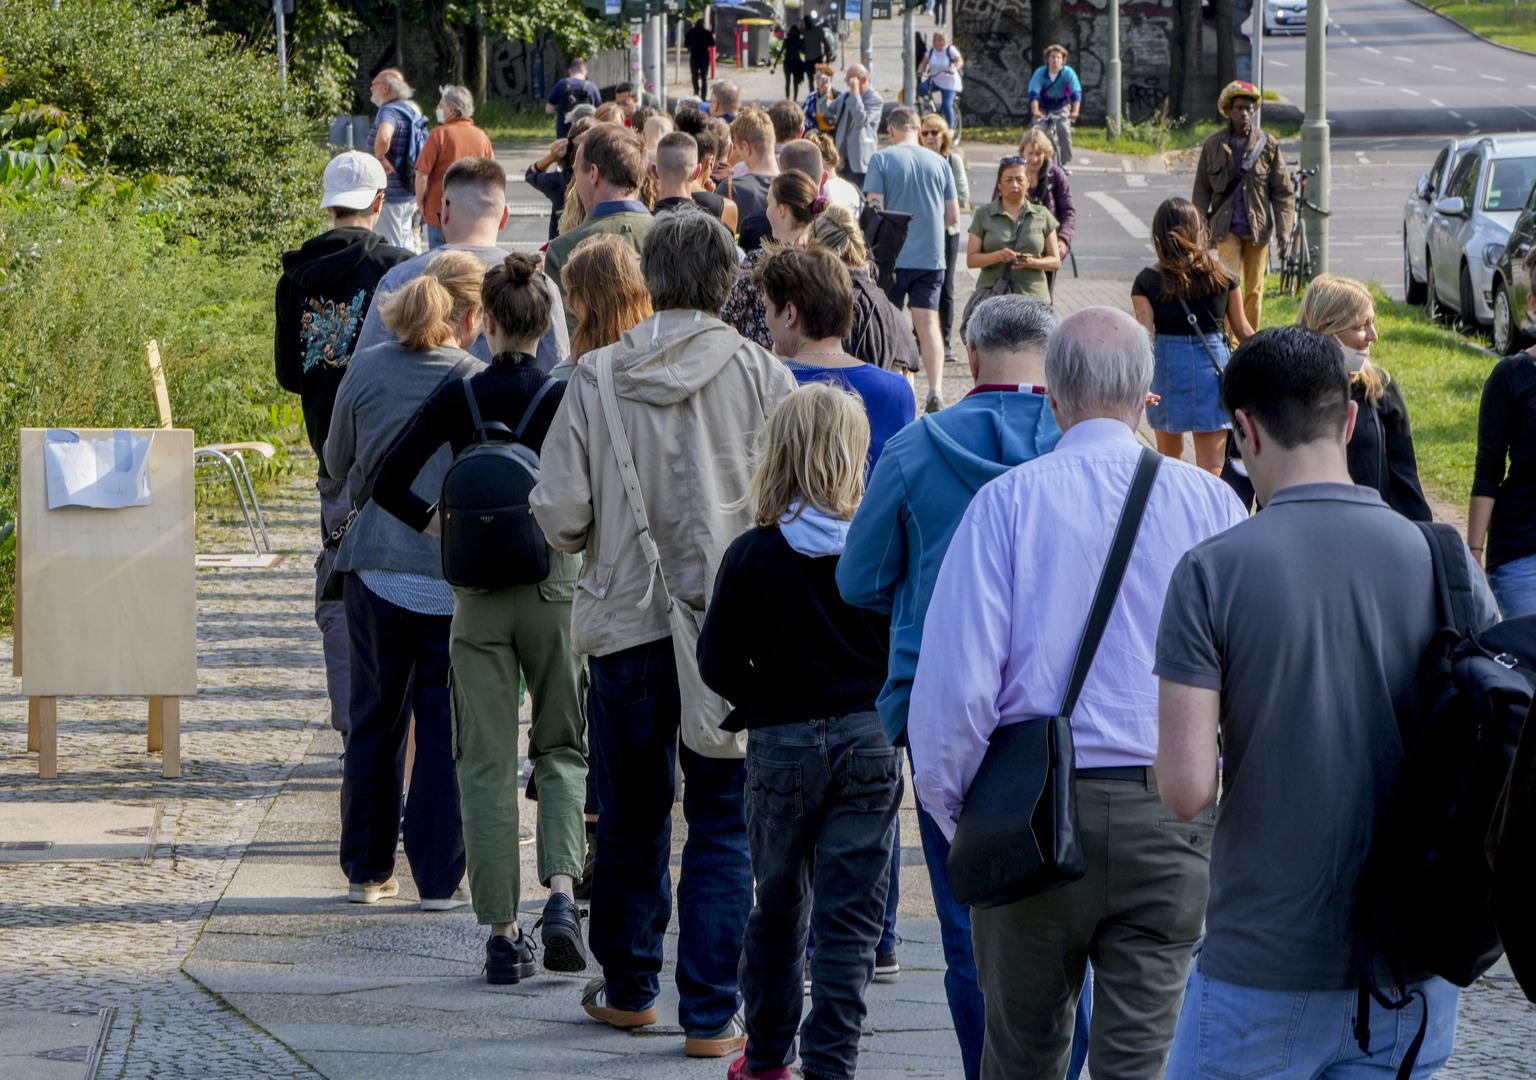 طابور من الناخبين عند مركز اقتراع في برلين